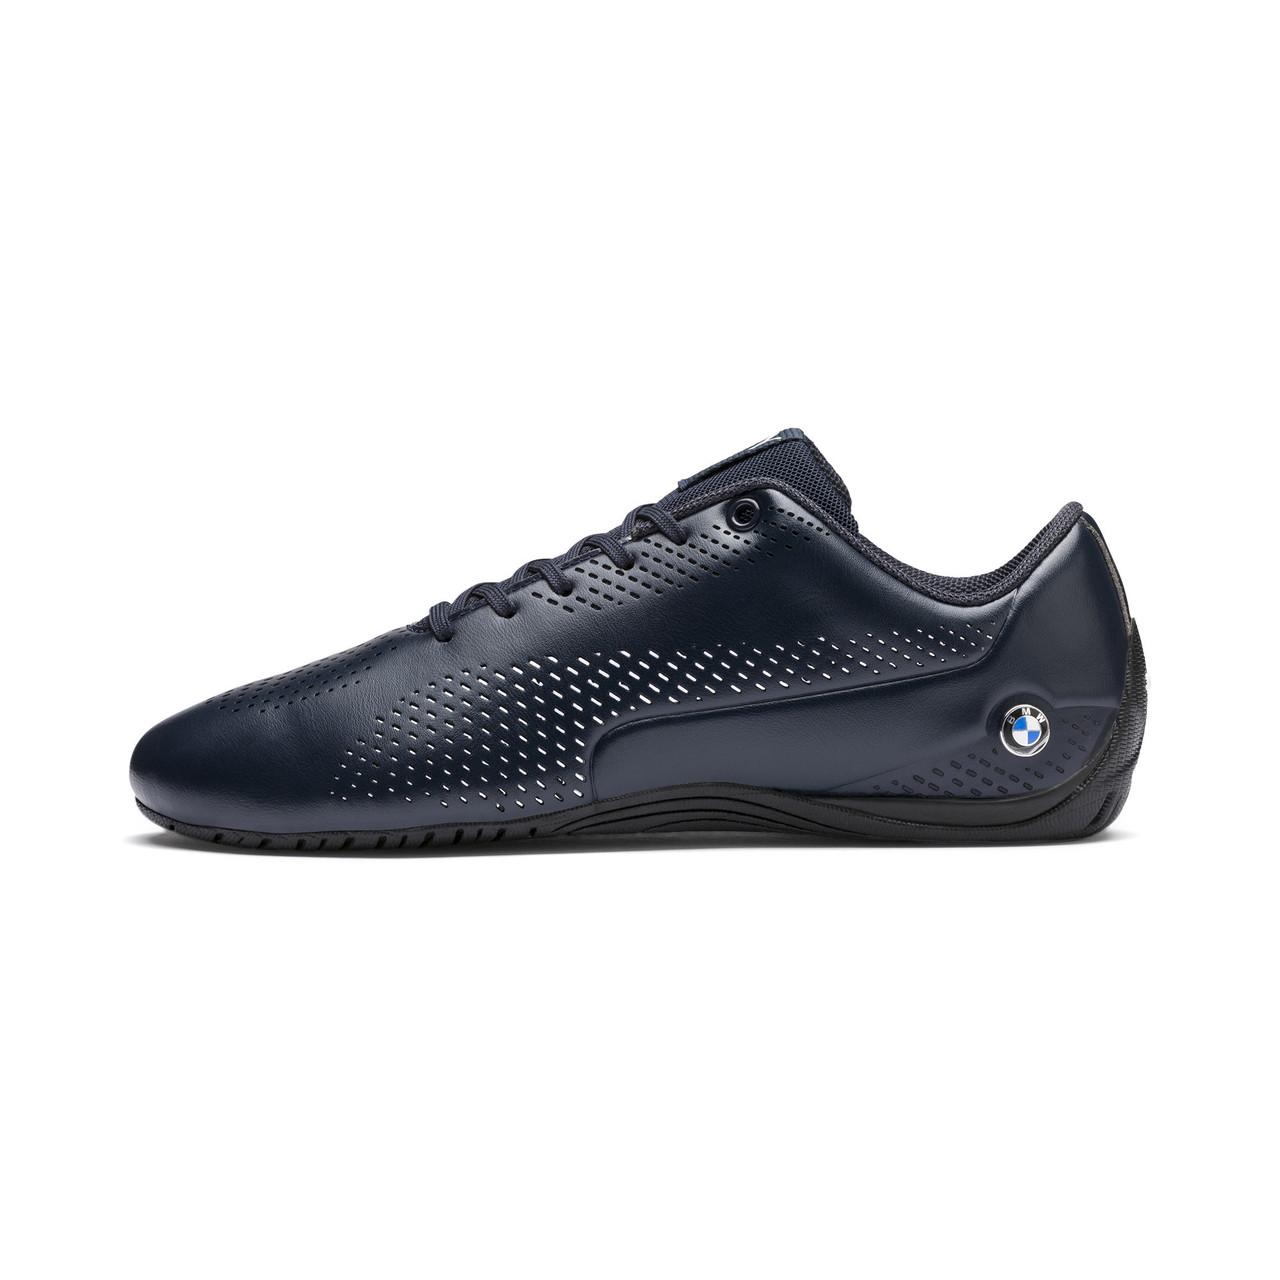 Синие мужские кроссовки Puma BMW MMS Drift Cat 5 Ultra II Men's Shoes